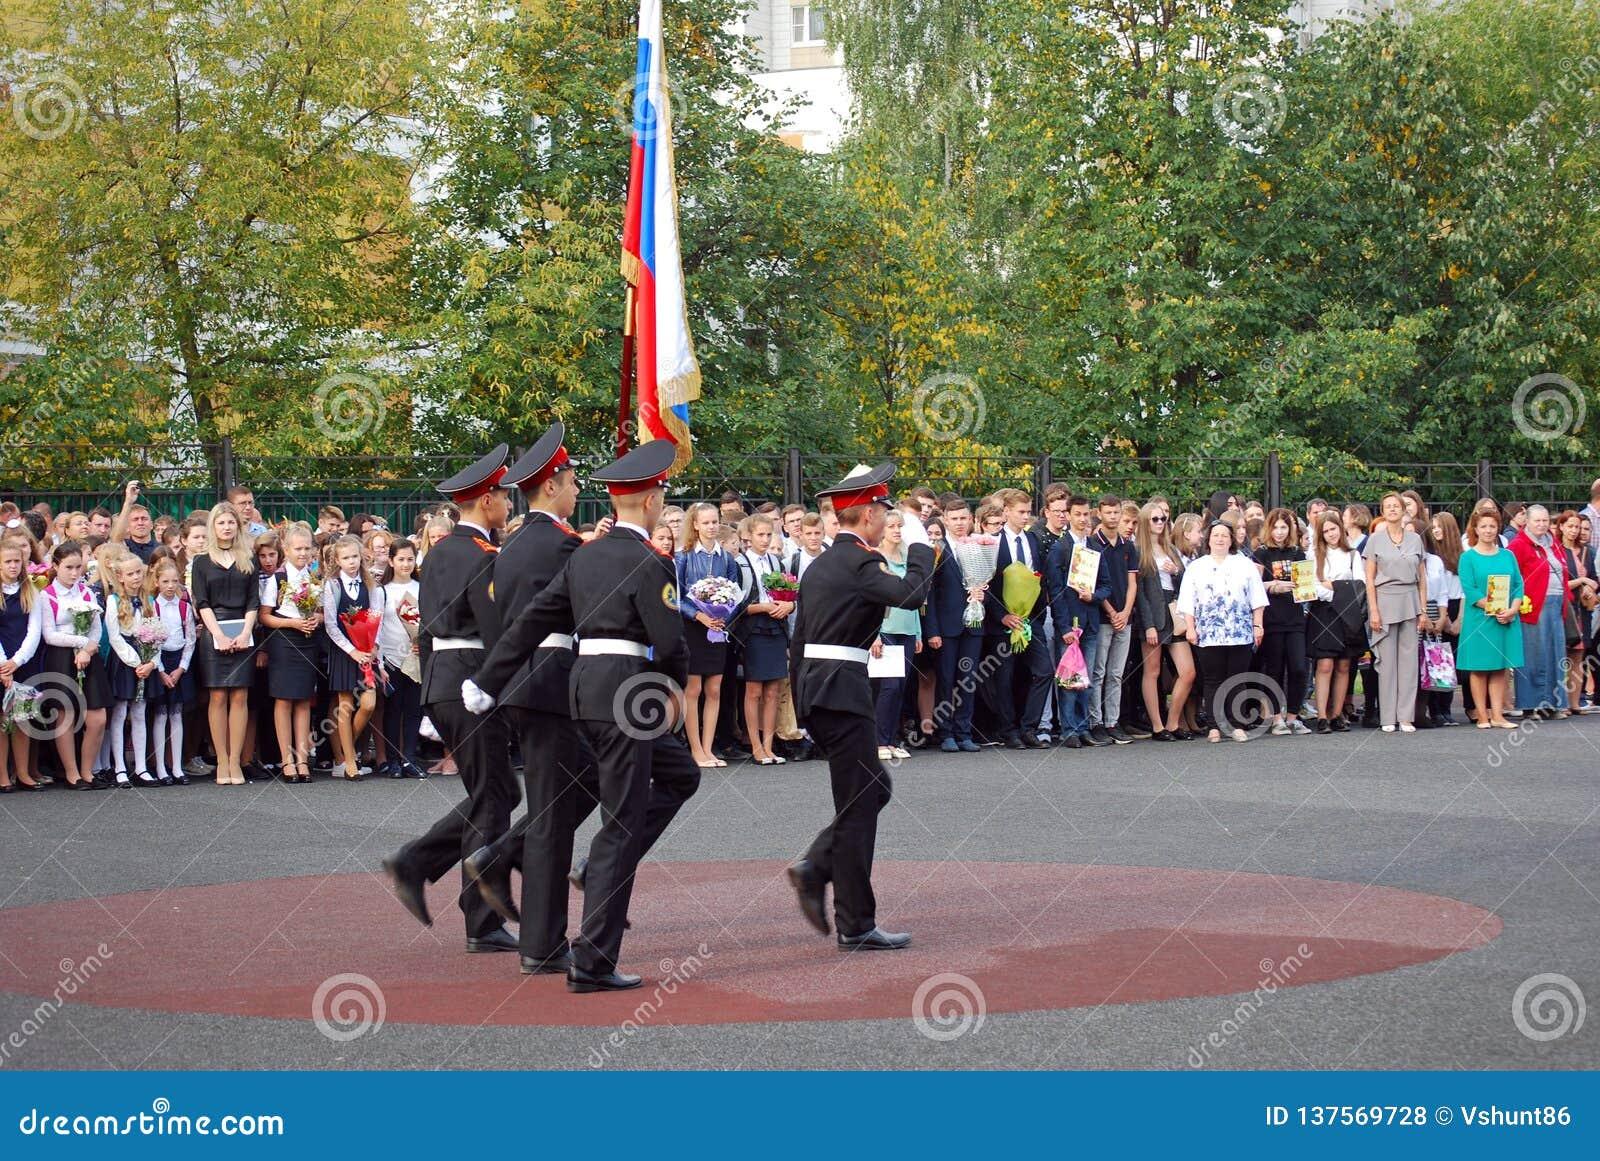 Os cadete marcham com uma bandeira em uma régua da manhã antes da escola na parada-terra Estudantes da escola